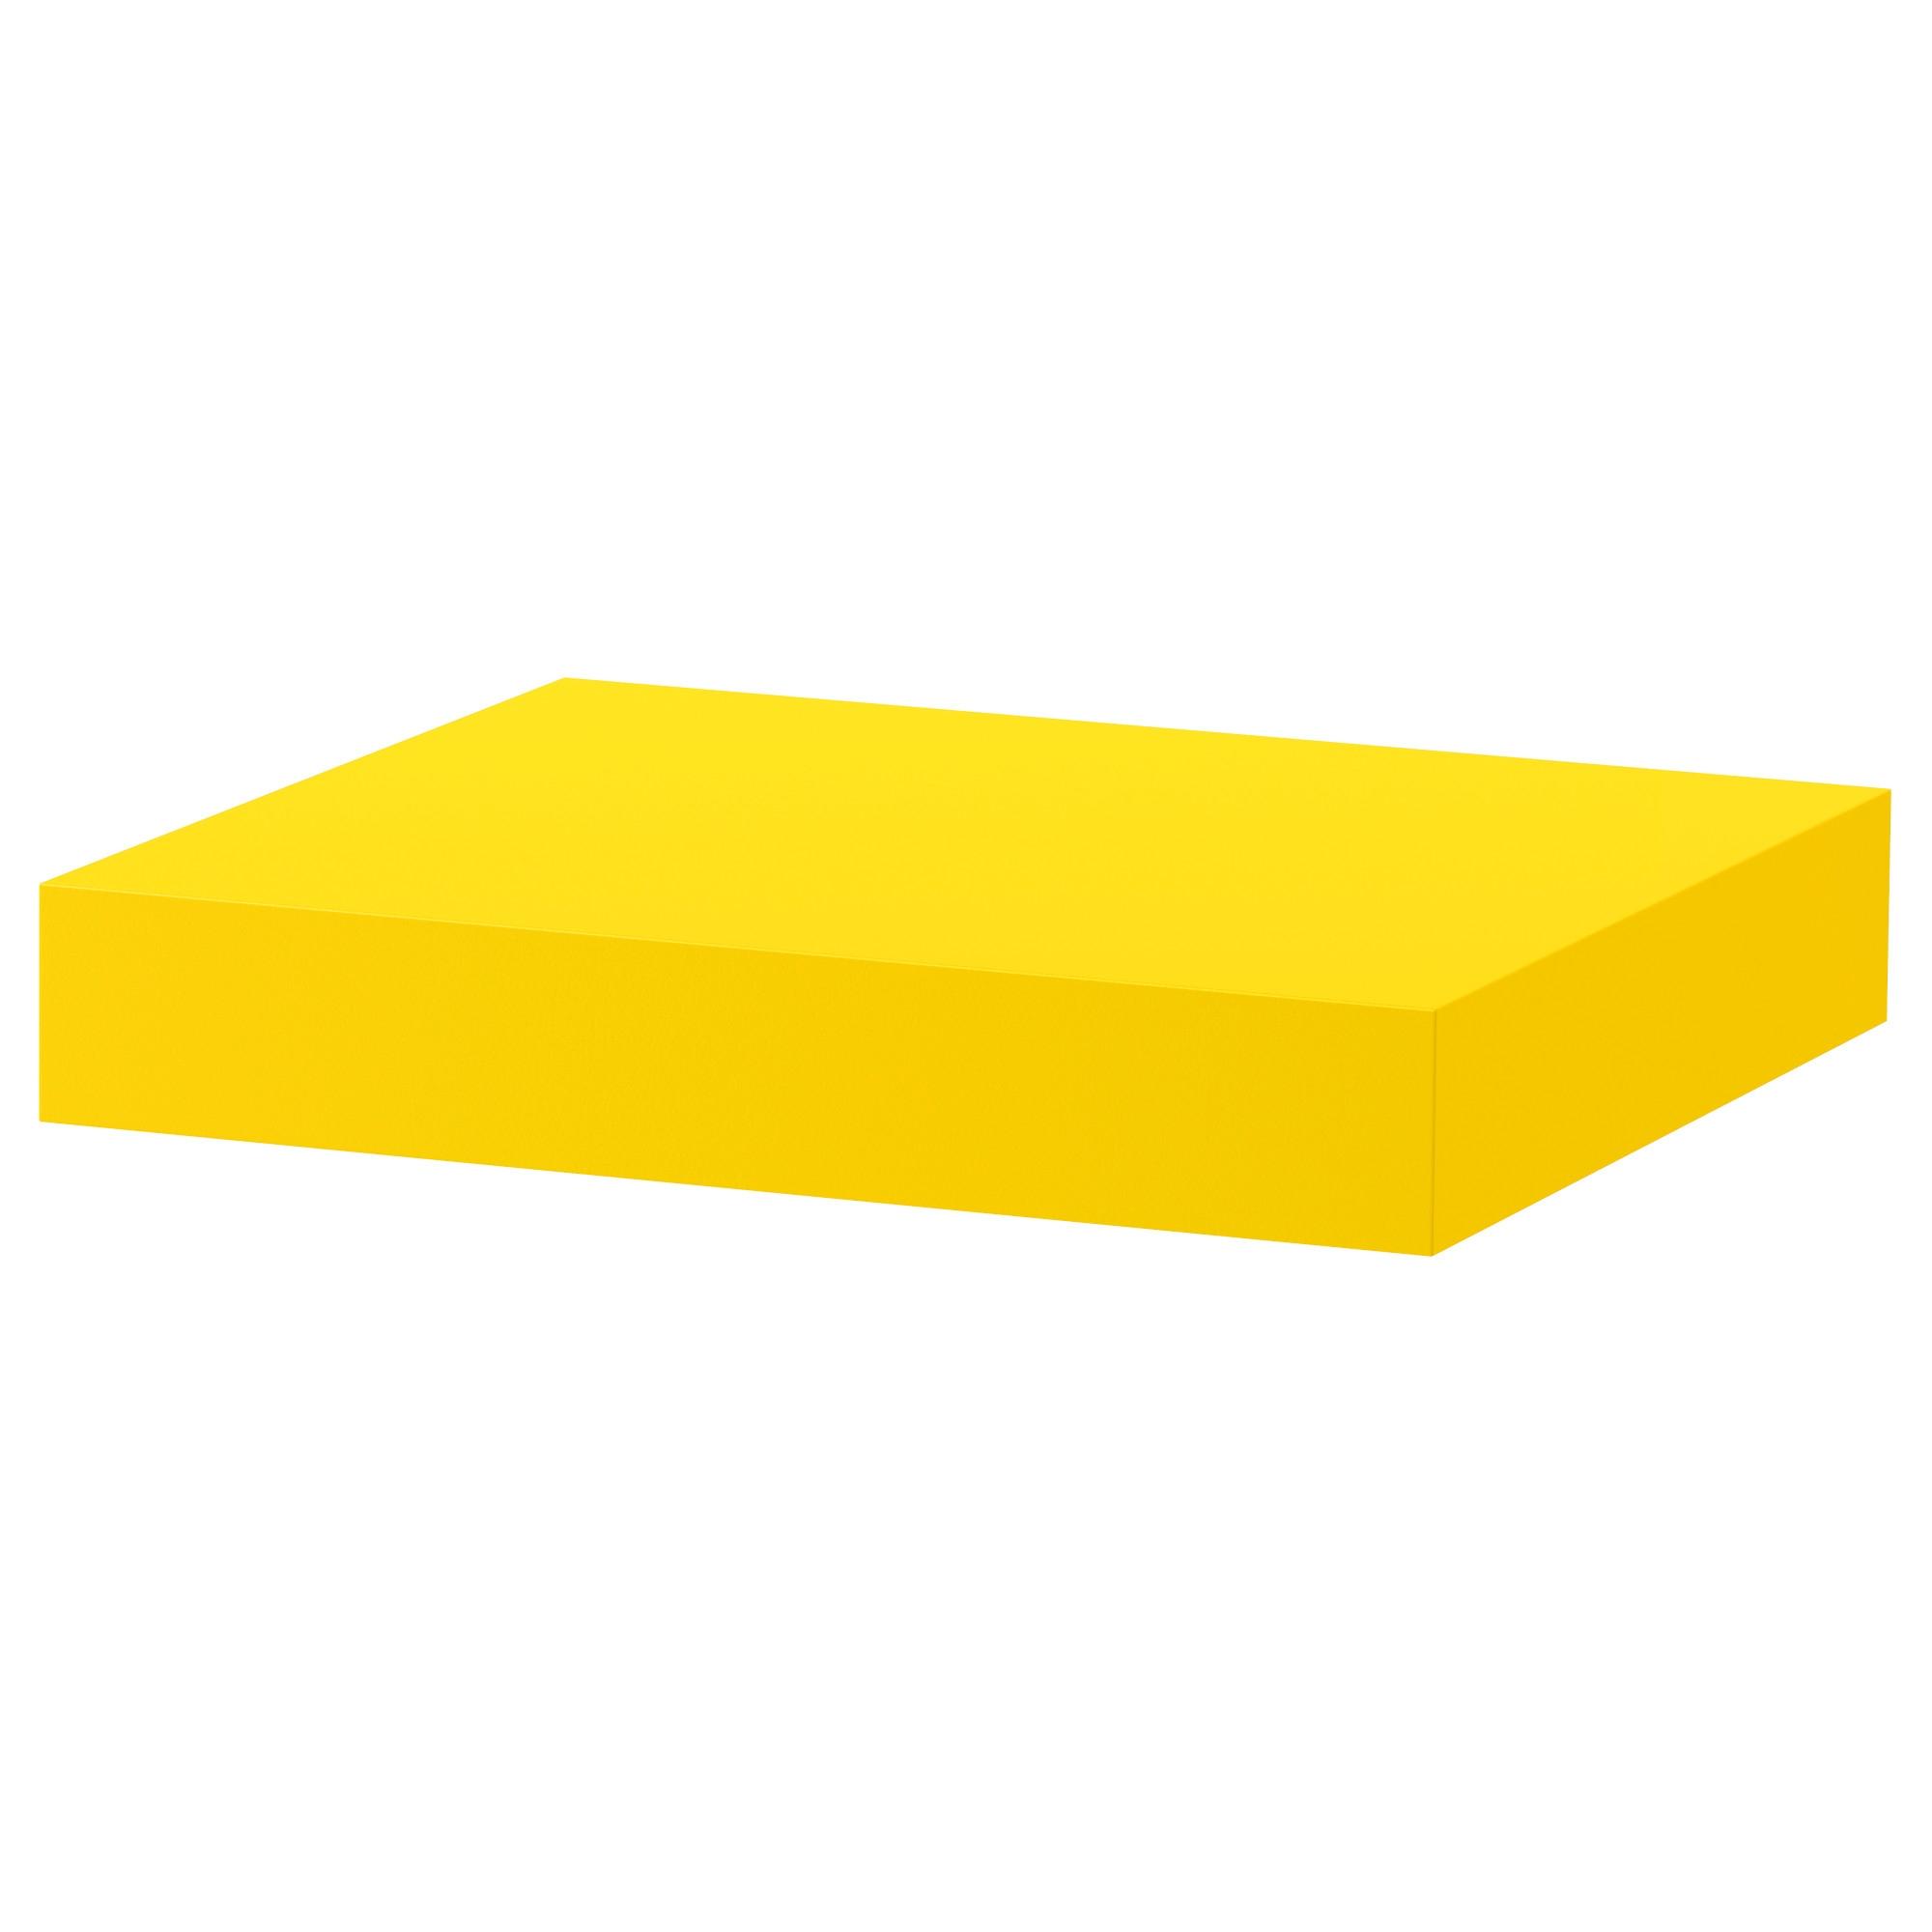 LACK estante de pared 34 amarillo